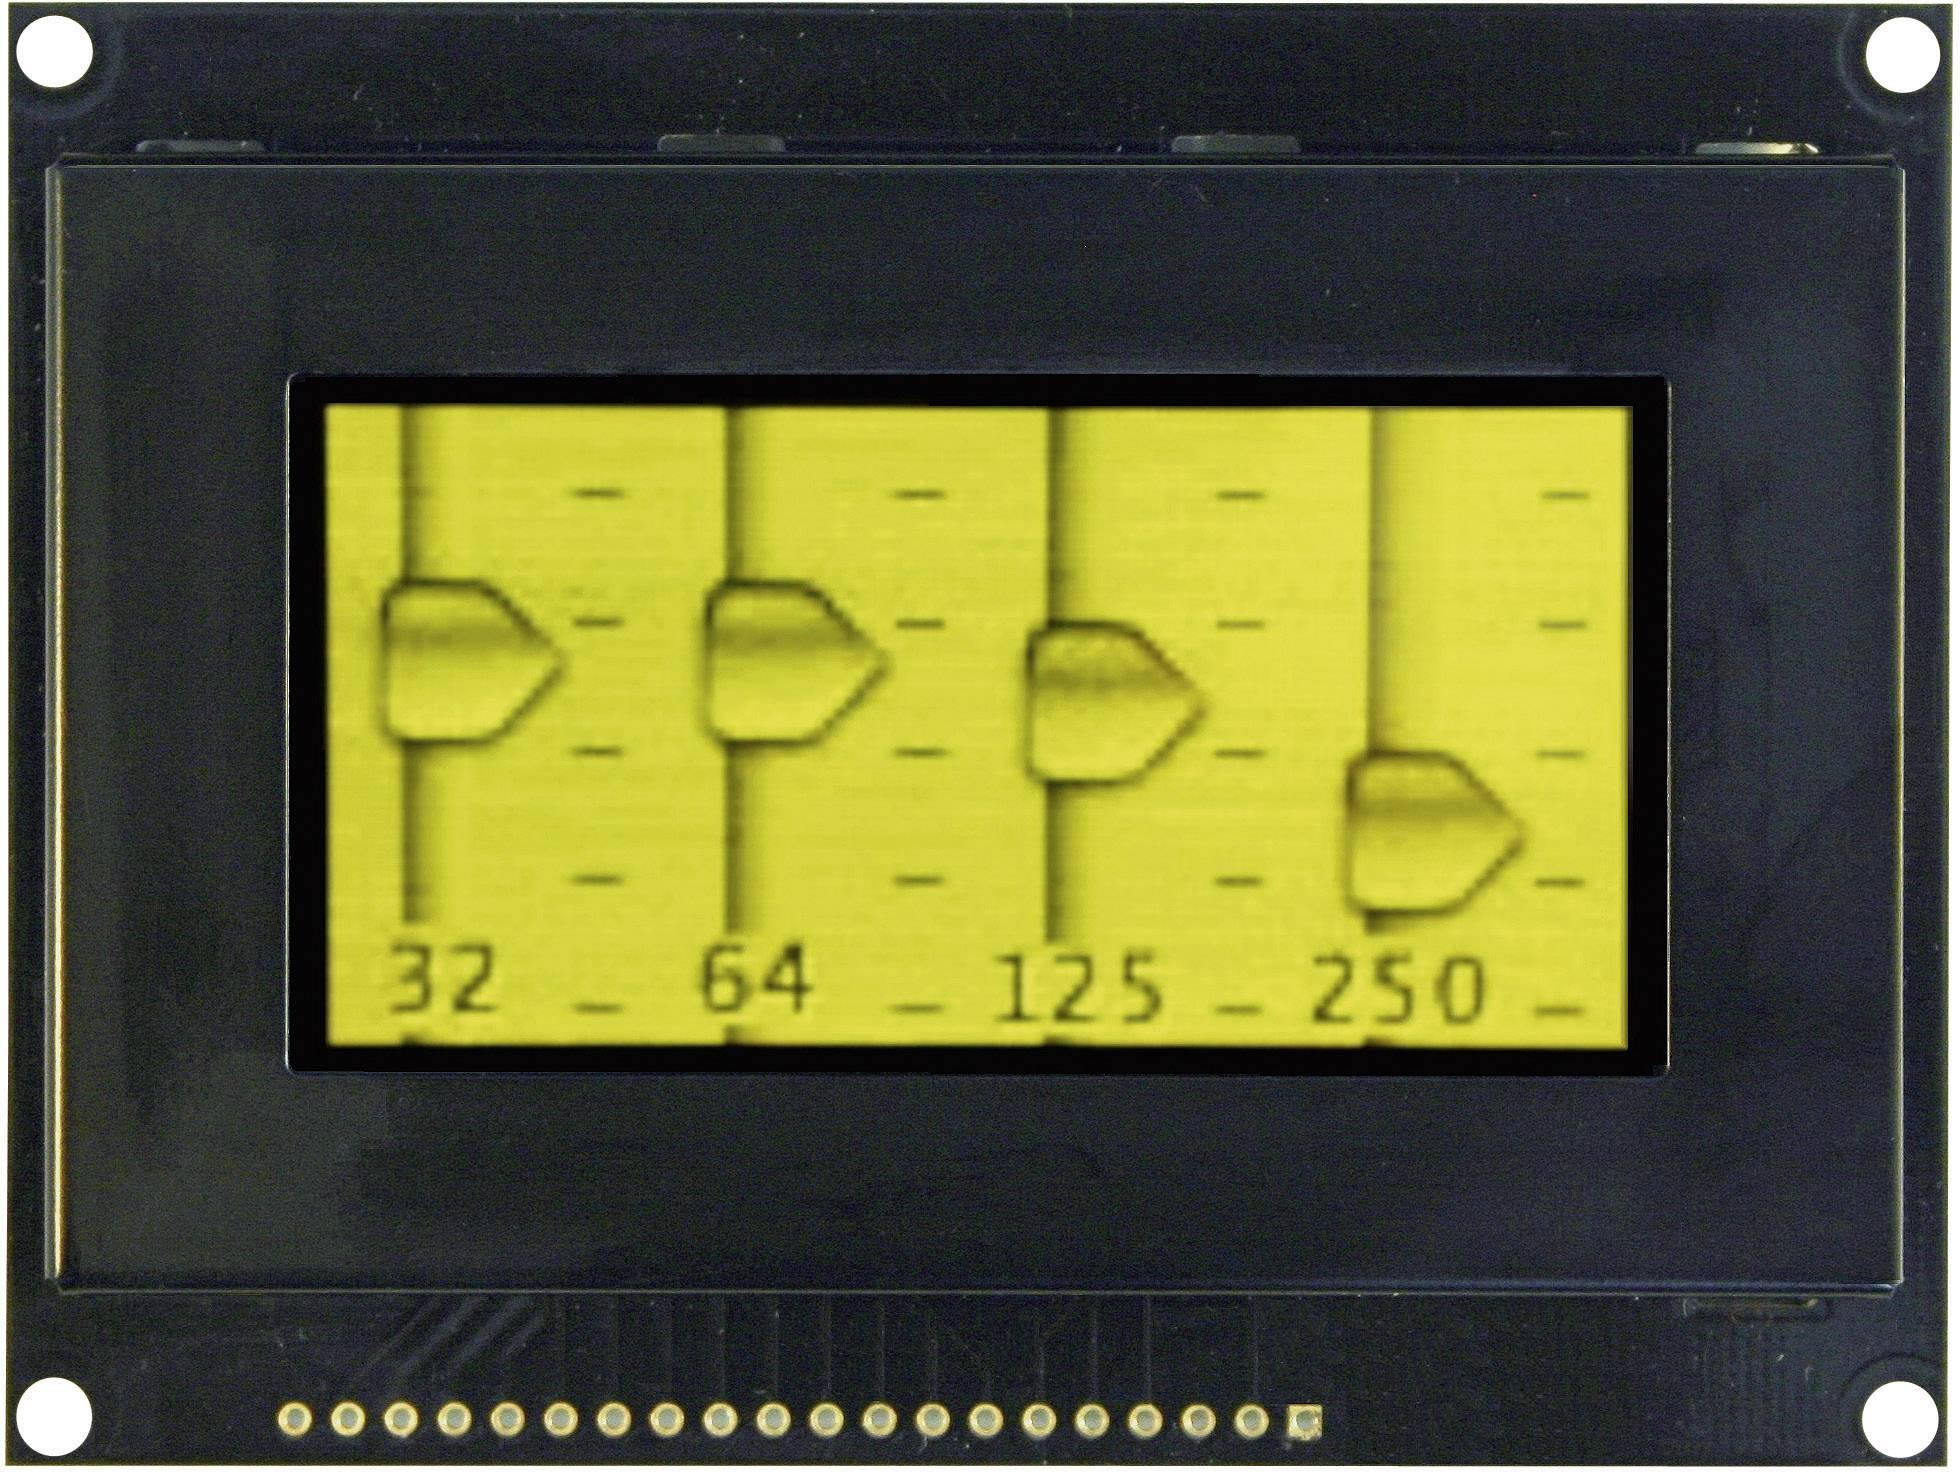 OLED displej VGY12864Z-S003 VGY12864Z-S003, (š x v x h) 93 x 70 x 9.1 mm, žltá, čierna